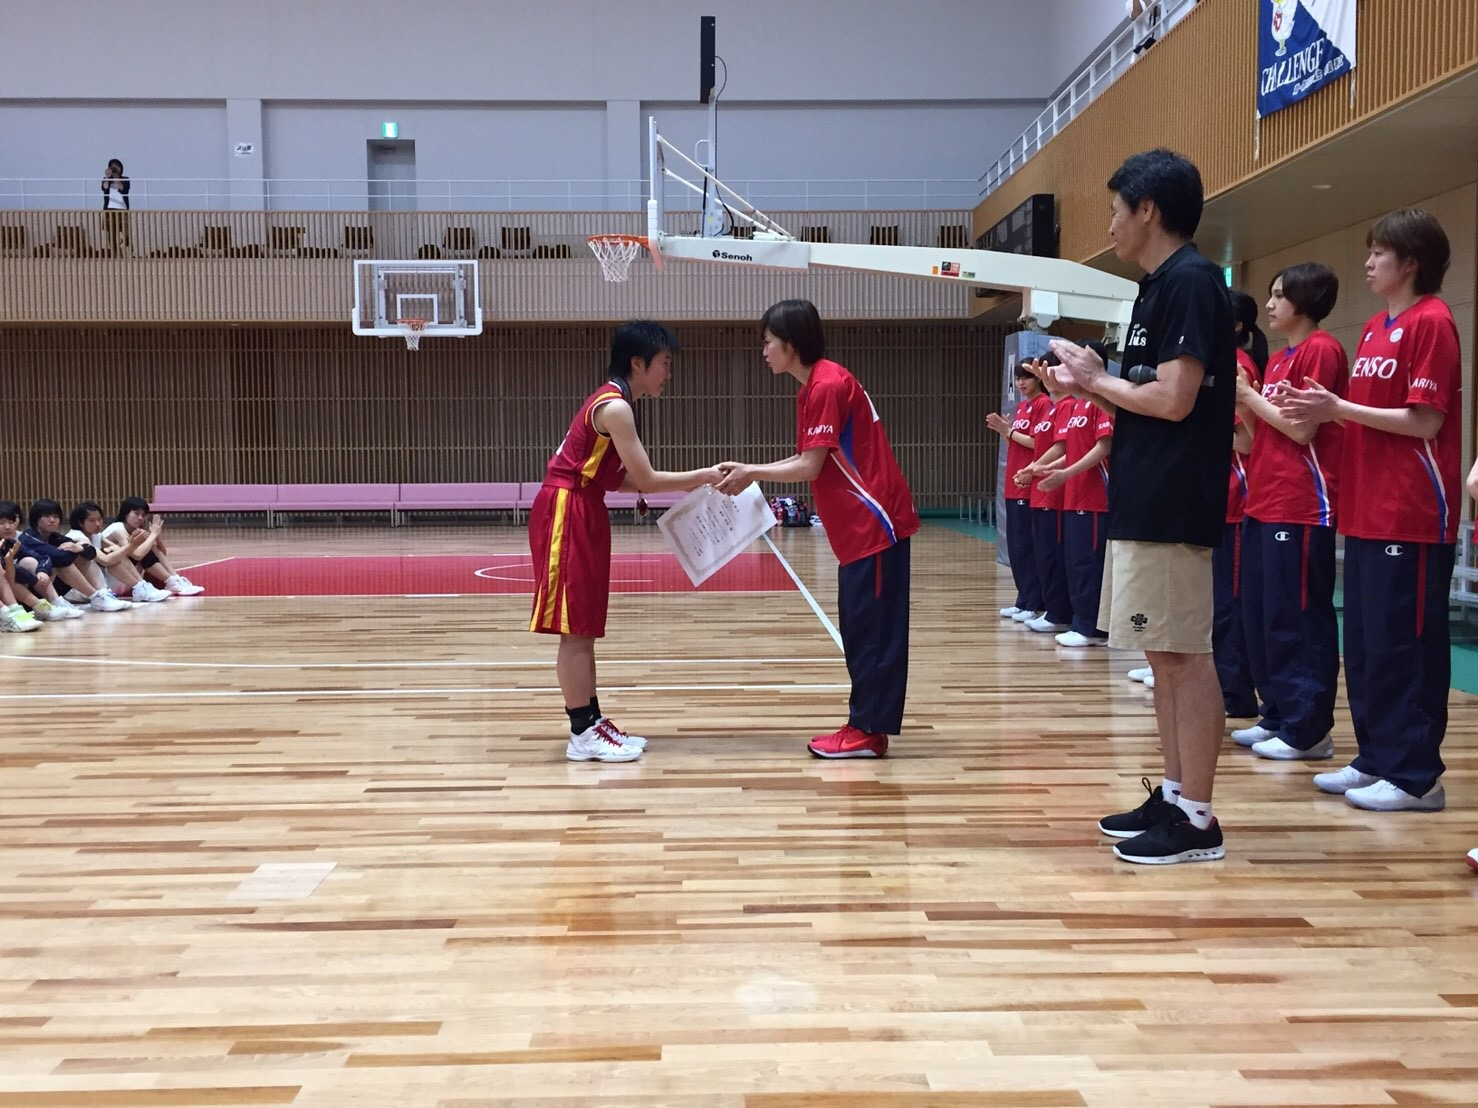 大会MVP「刈谷市立刈谷南中学校 #5脇田実郁選手」盾授与